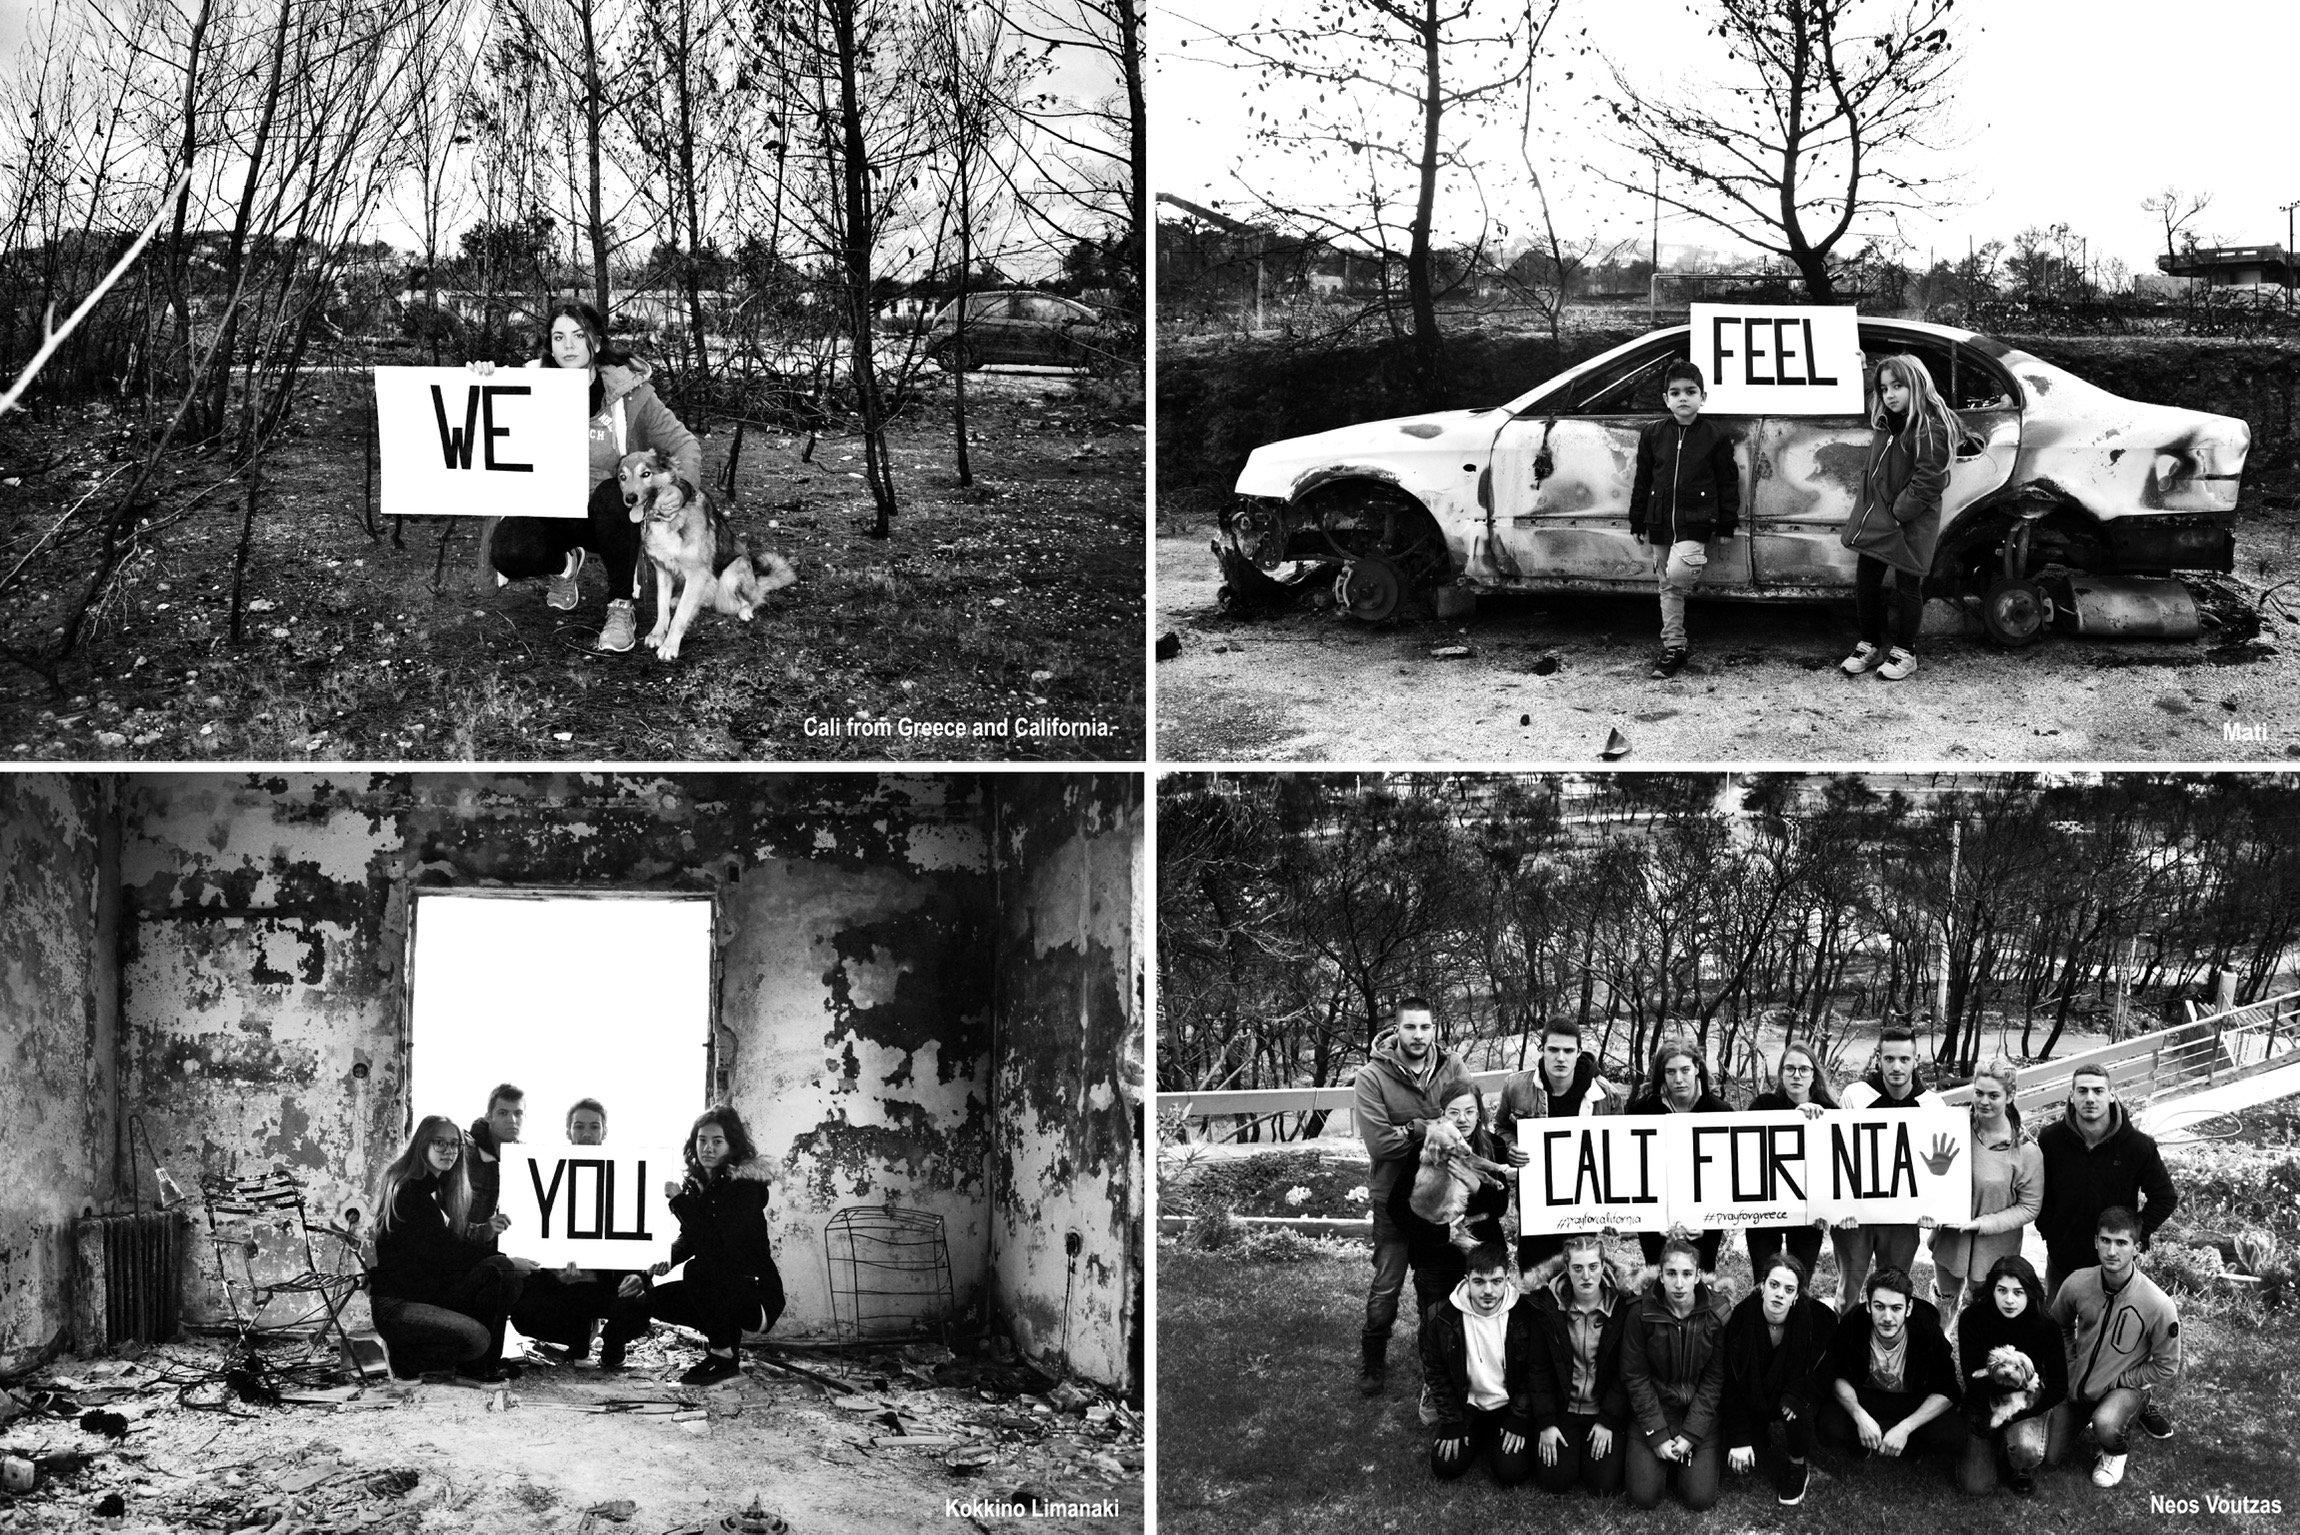 Οι νέοι από το Μάτι: «Σε νιώθουμε Καλιφόρνια»